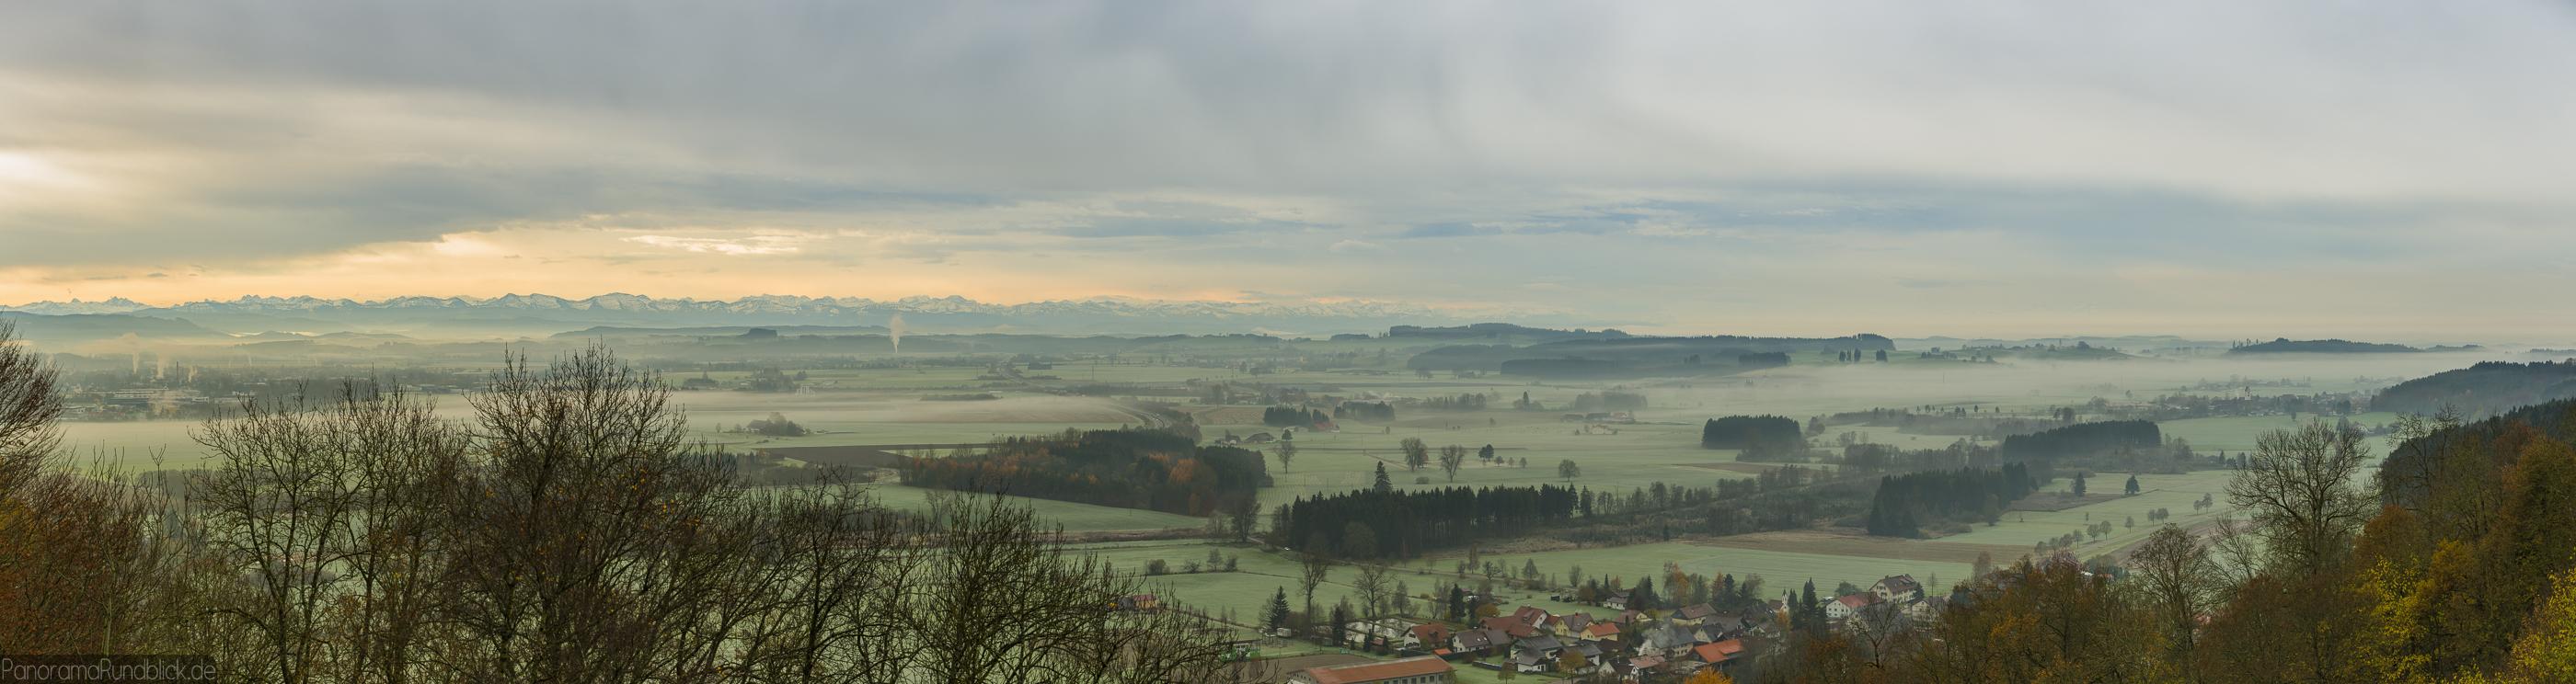 Blick ins Allgäu, Leutkirch-Herbrazhofen-Reichenhofen und die Allgäuer Alpen